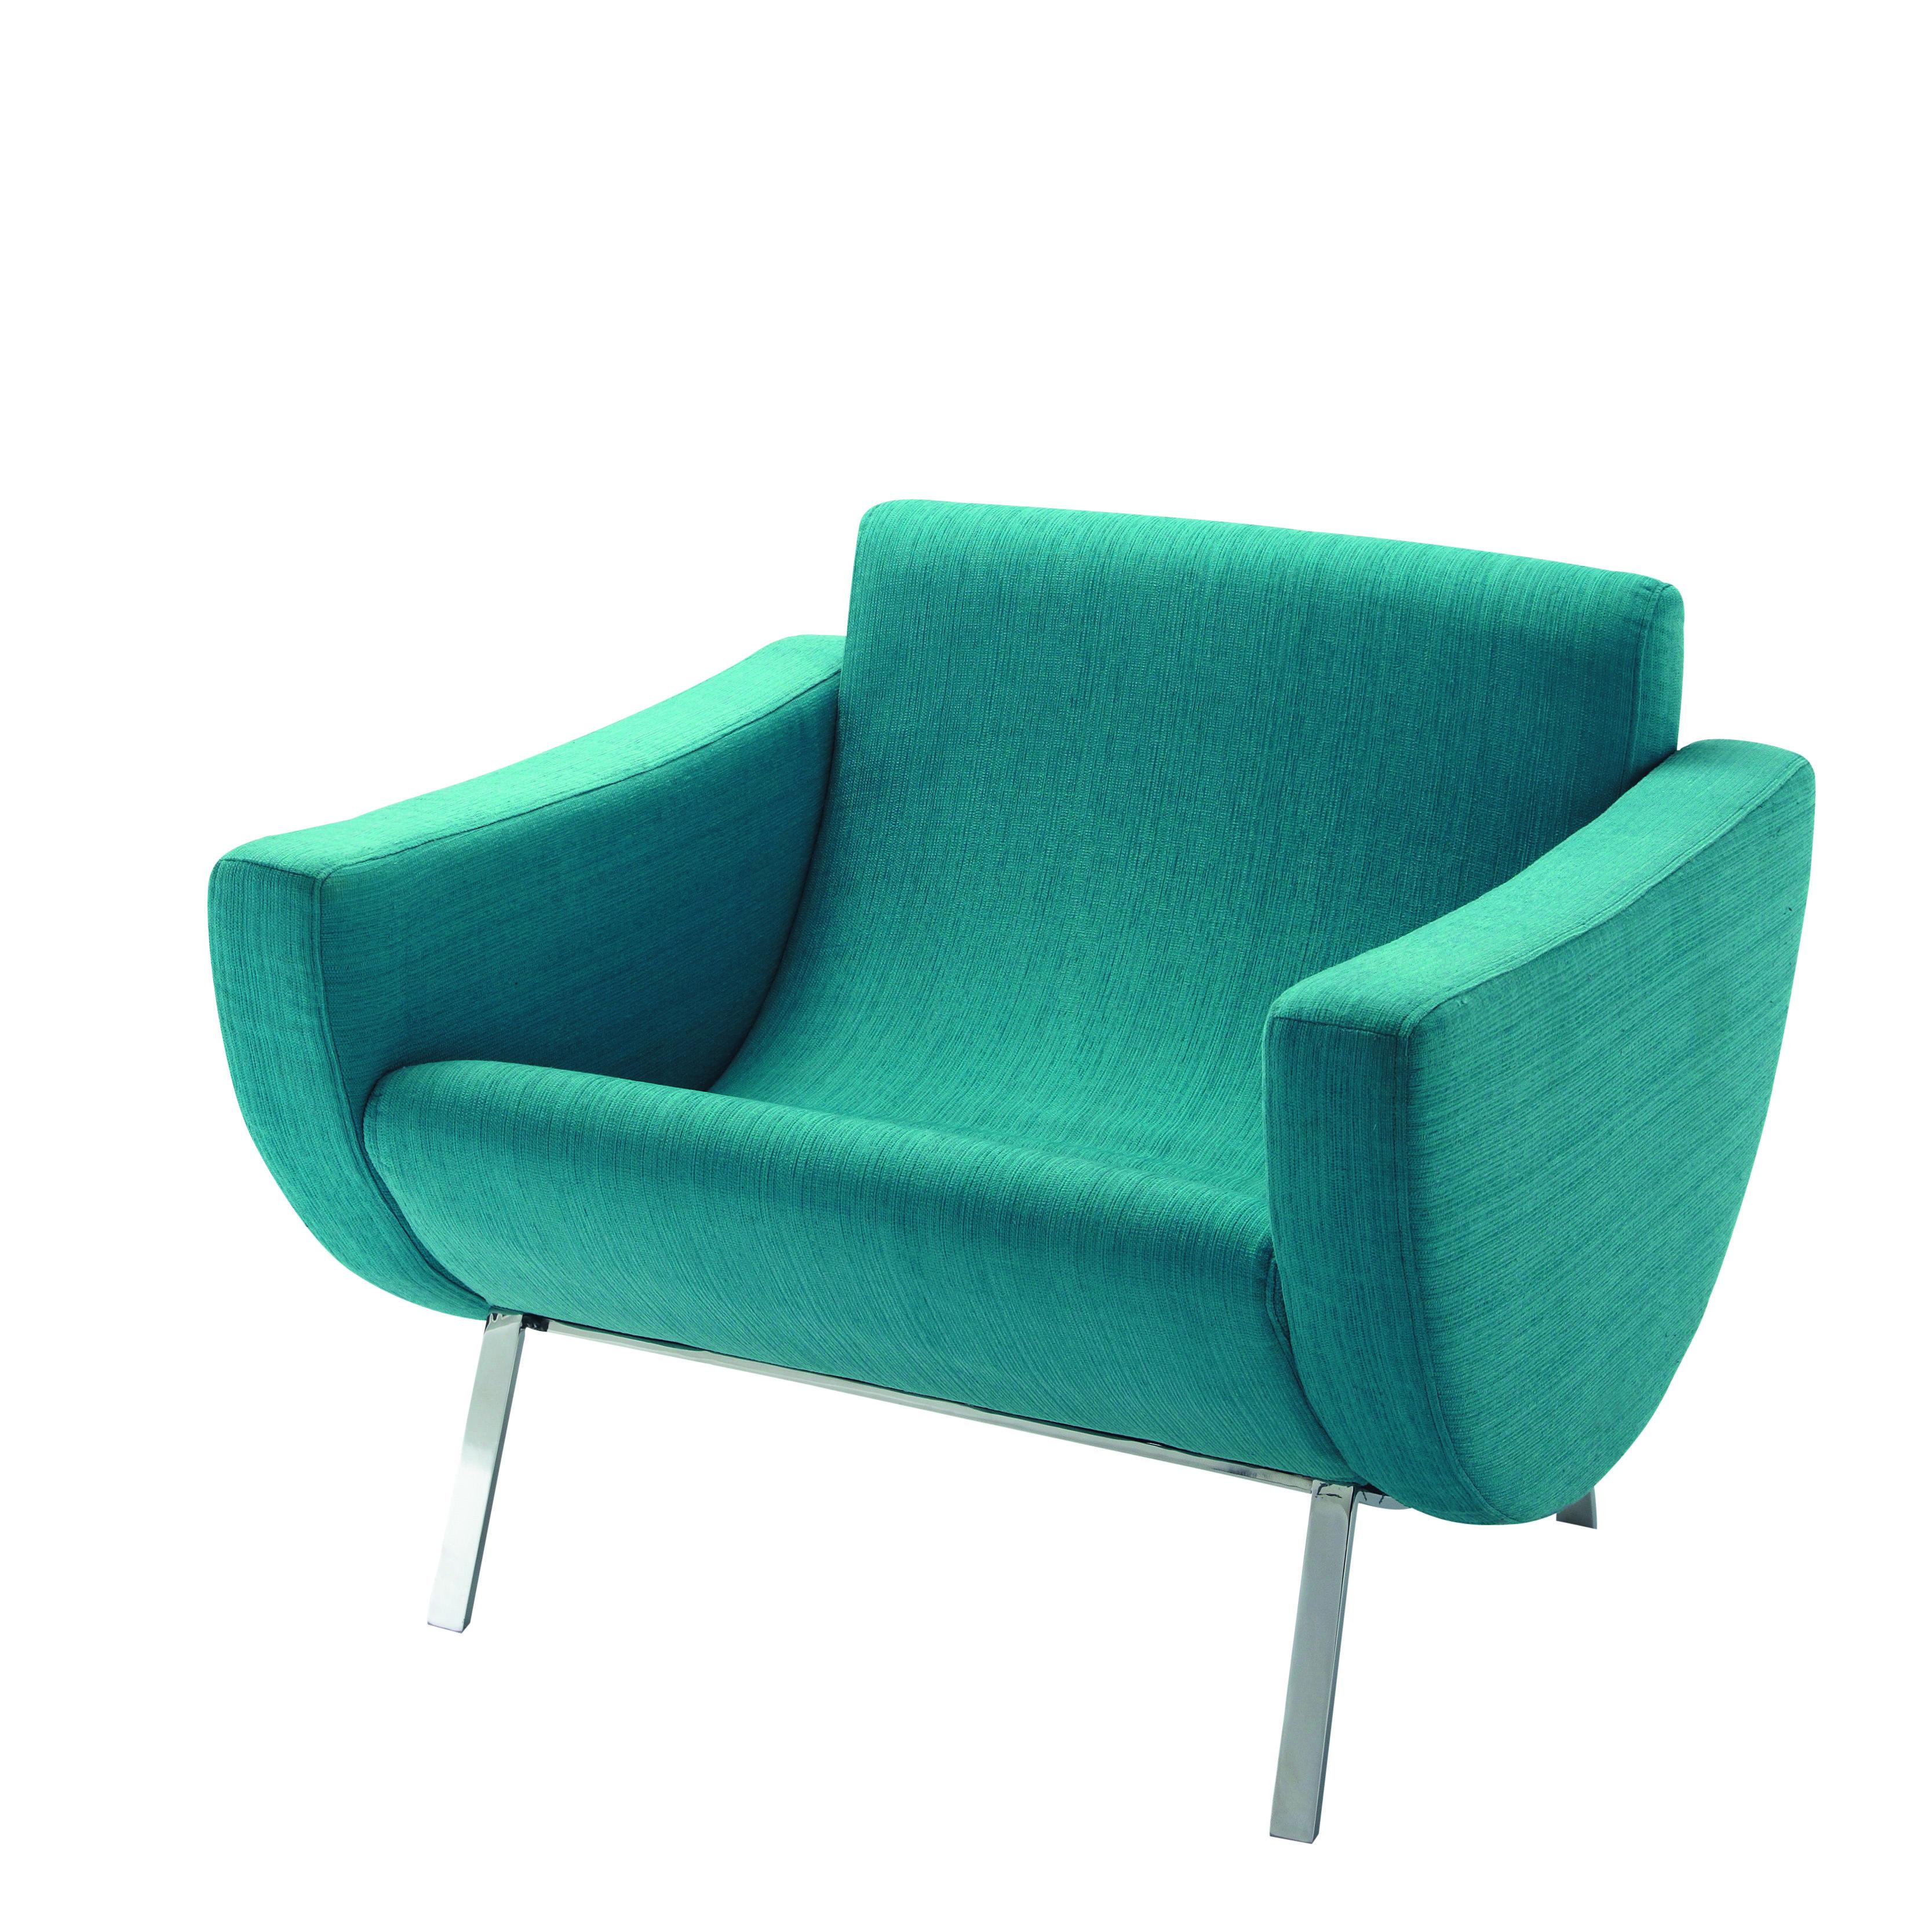 conu en 1958 le fauteuil club mandarine sintgre parfaitement dans